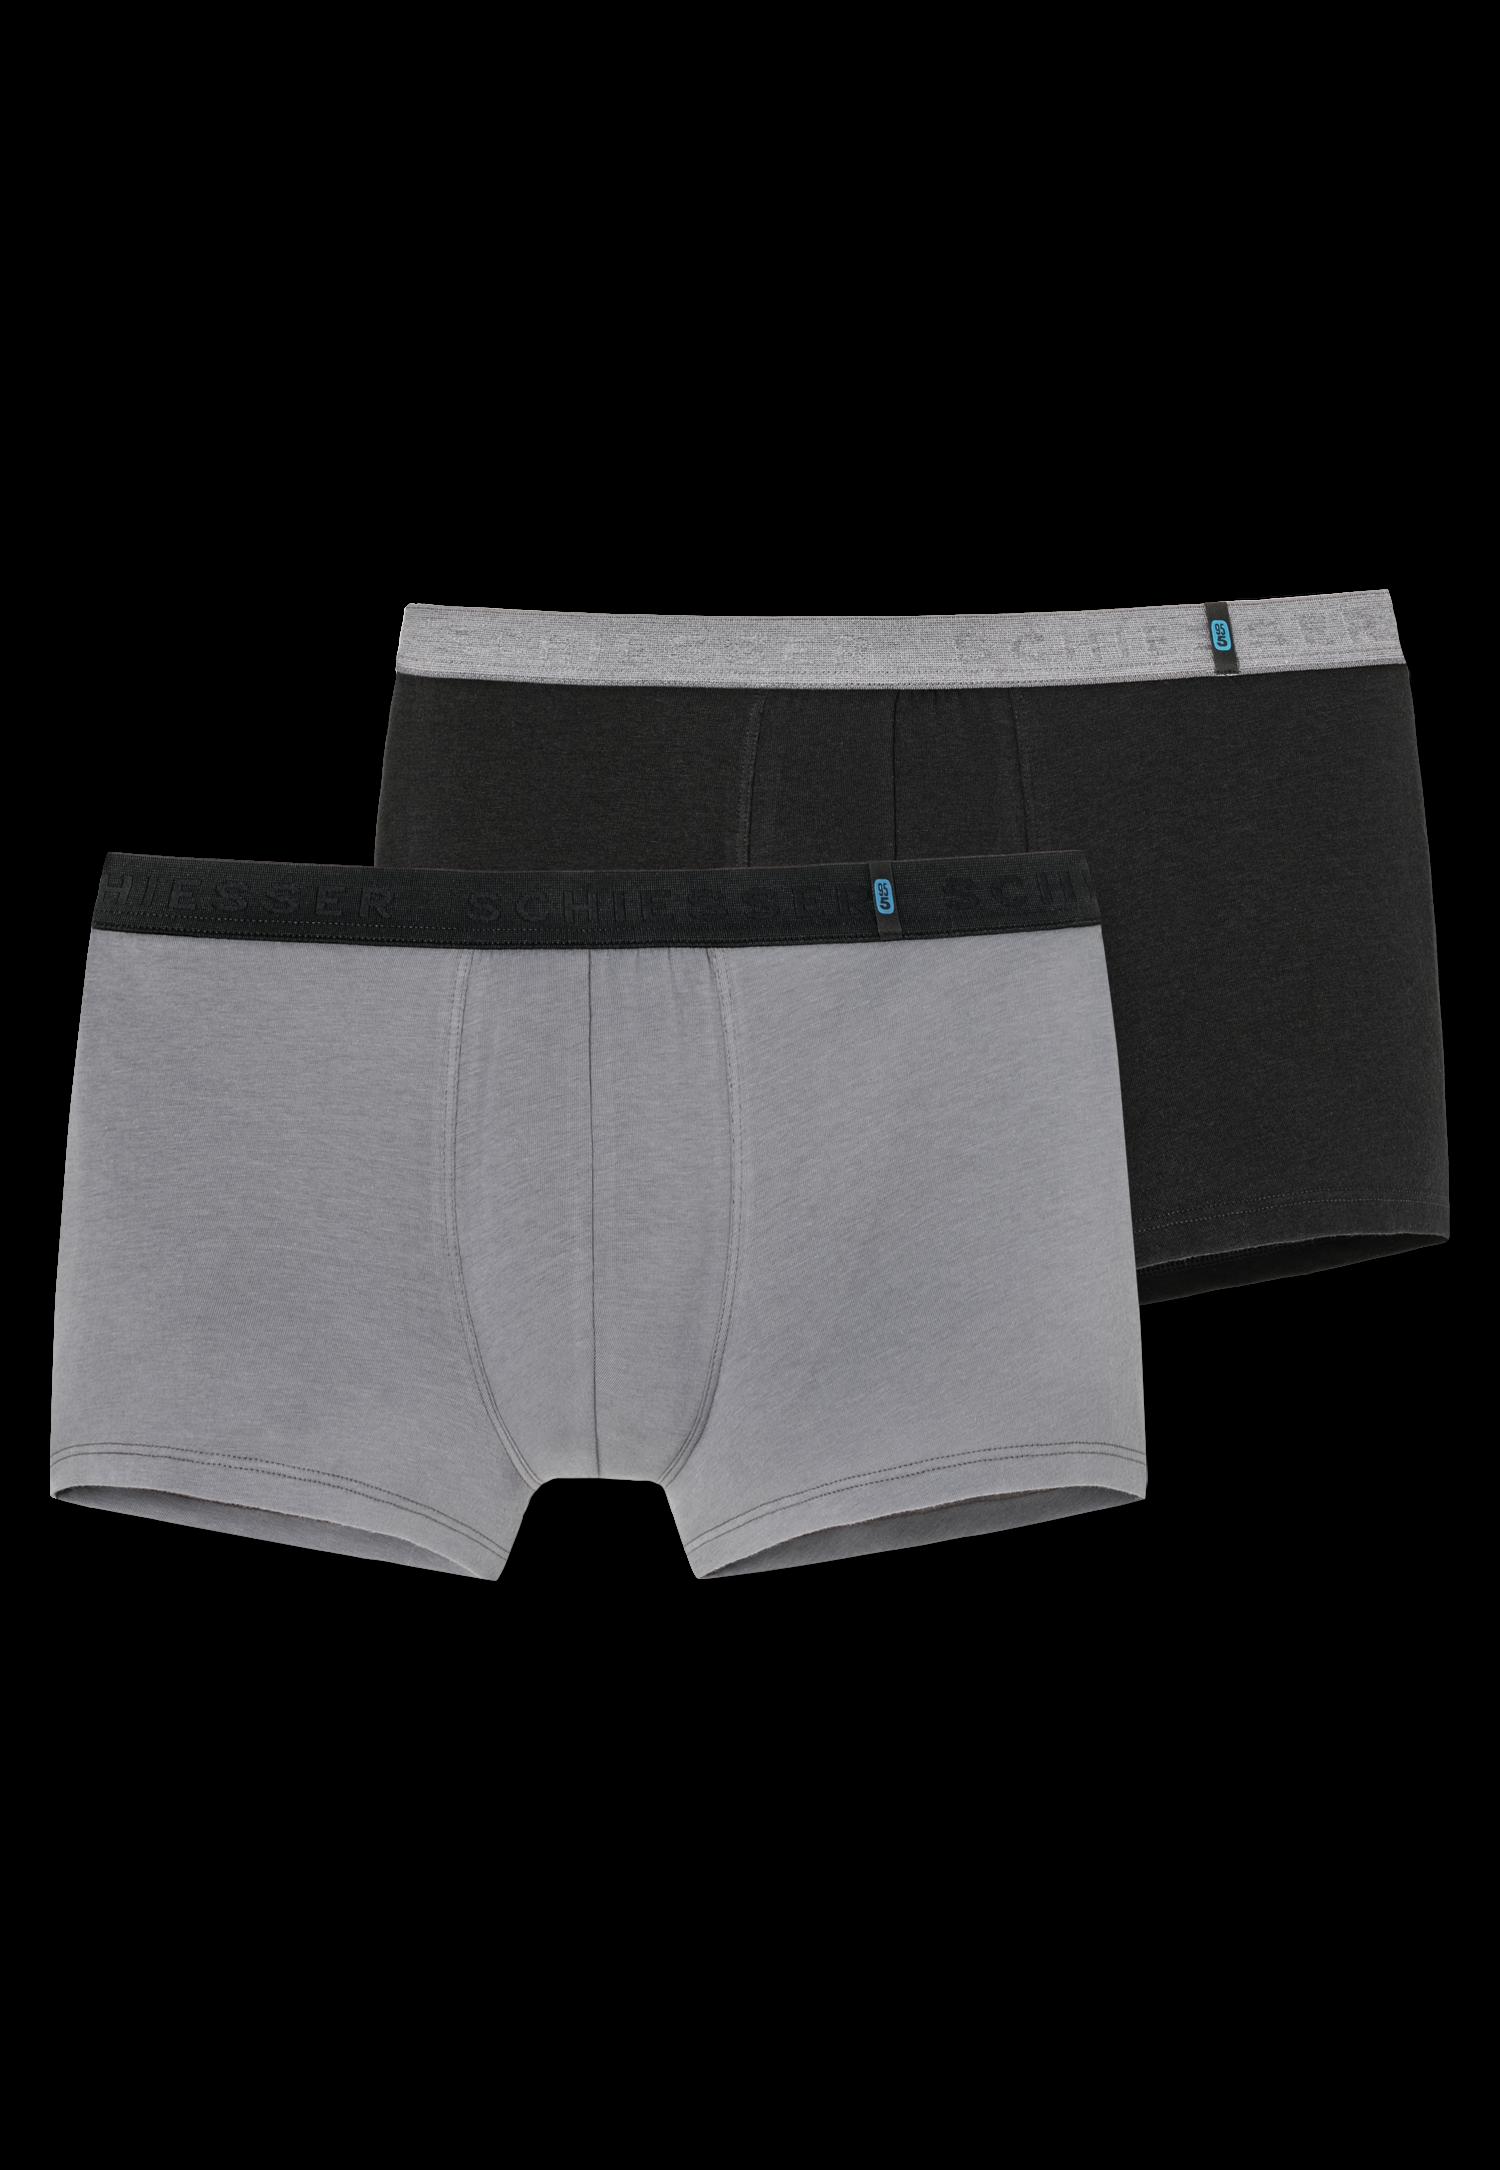 Schiesser 95/5 short kort 2-pack zwart/grijs